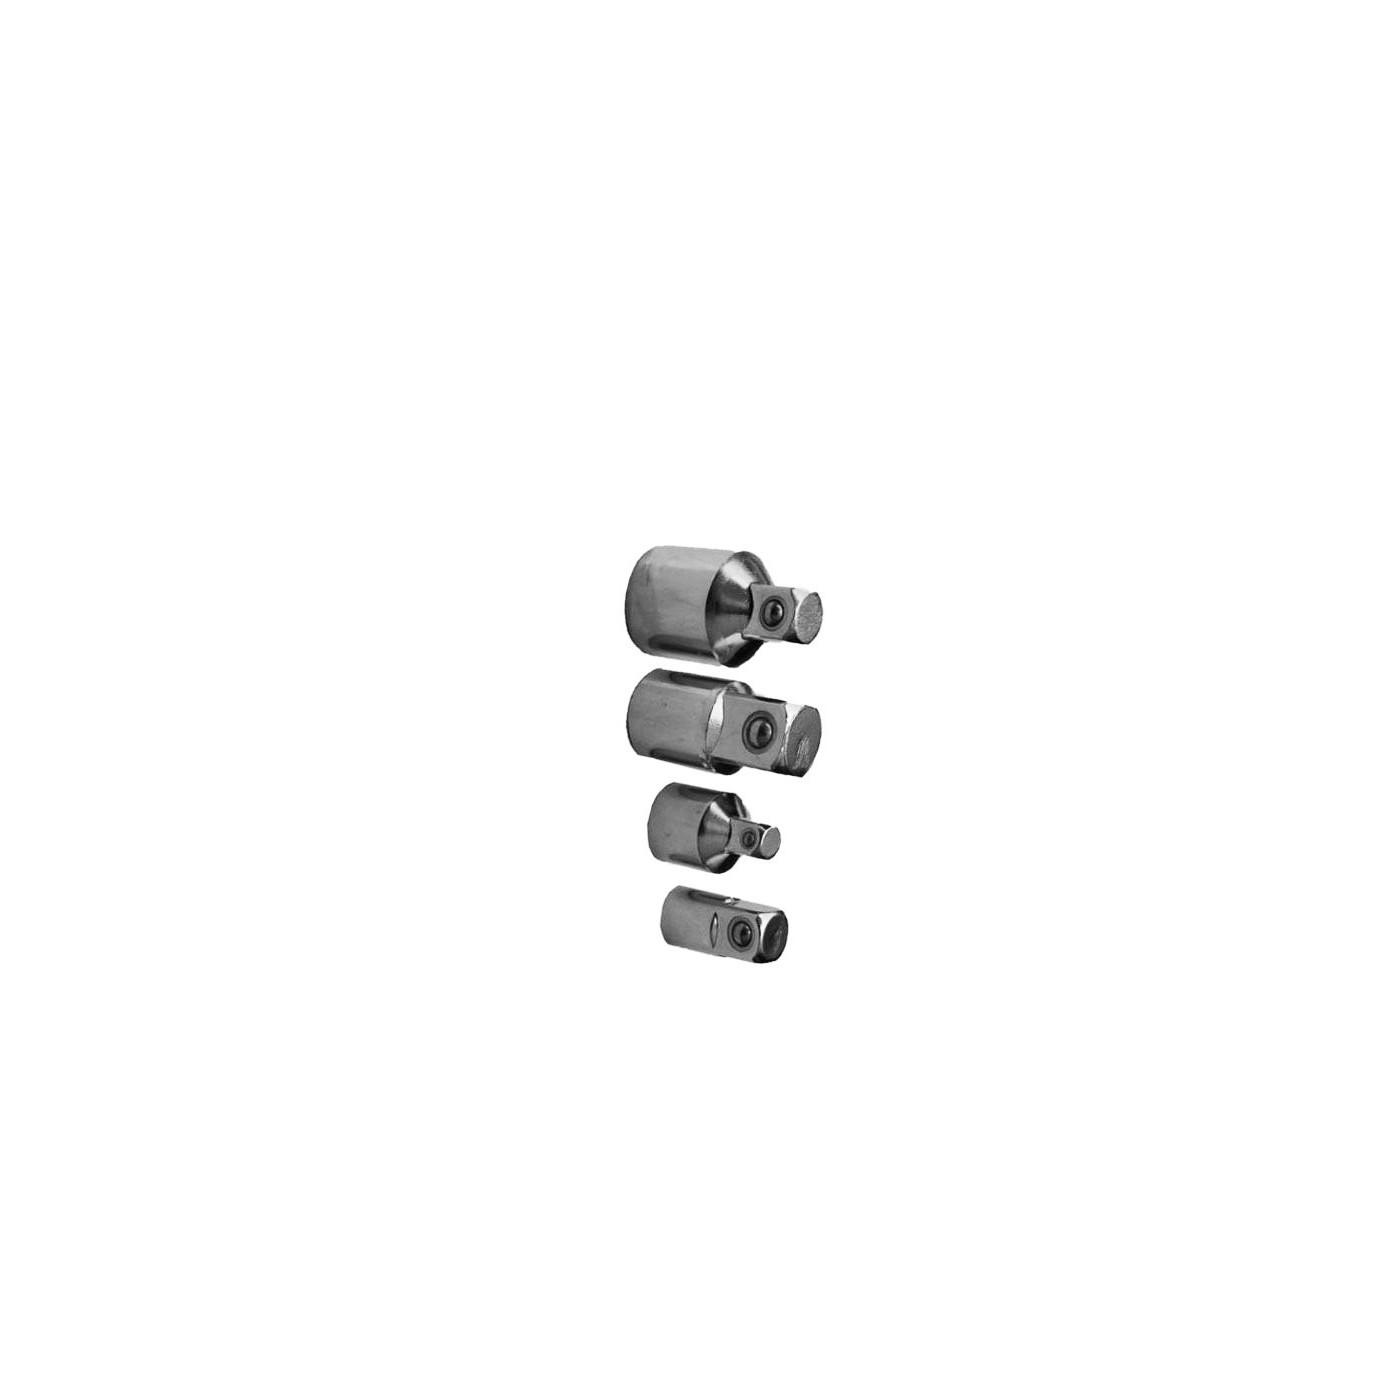 Adaptateurs de prise (4 pièces)